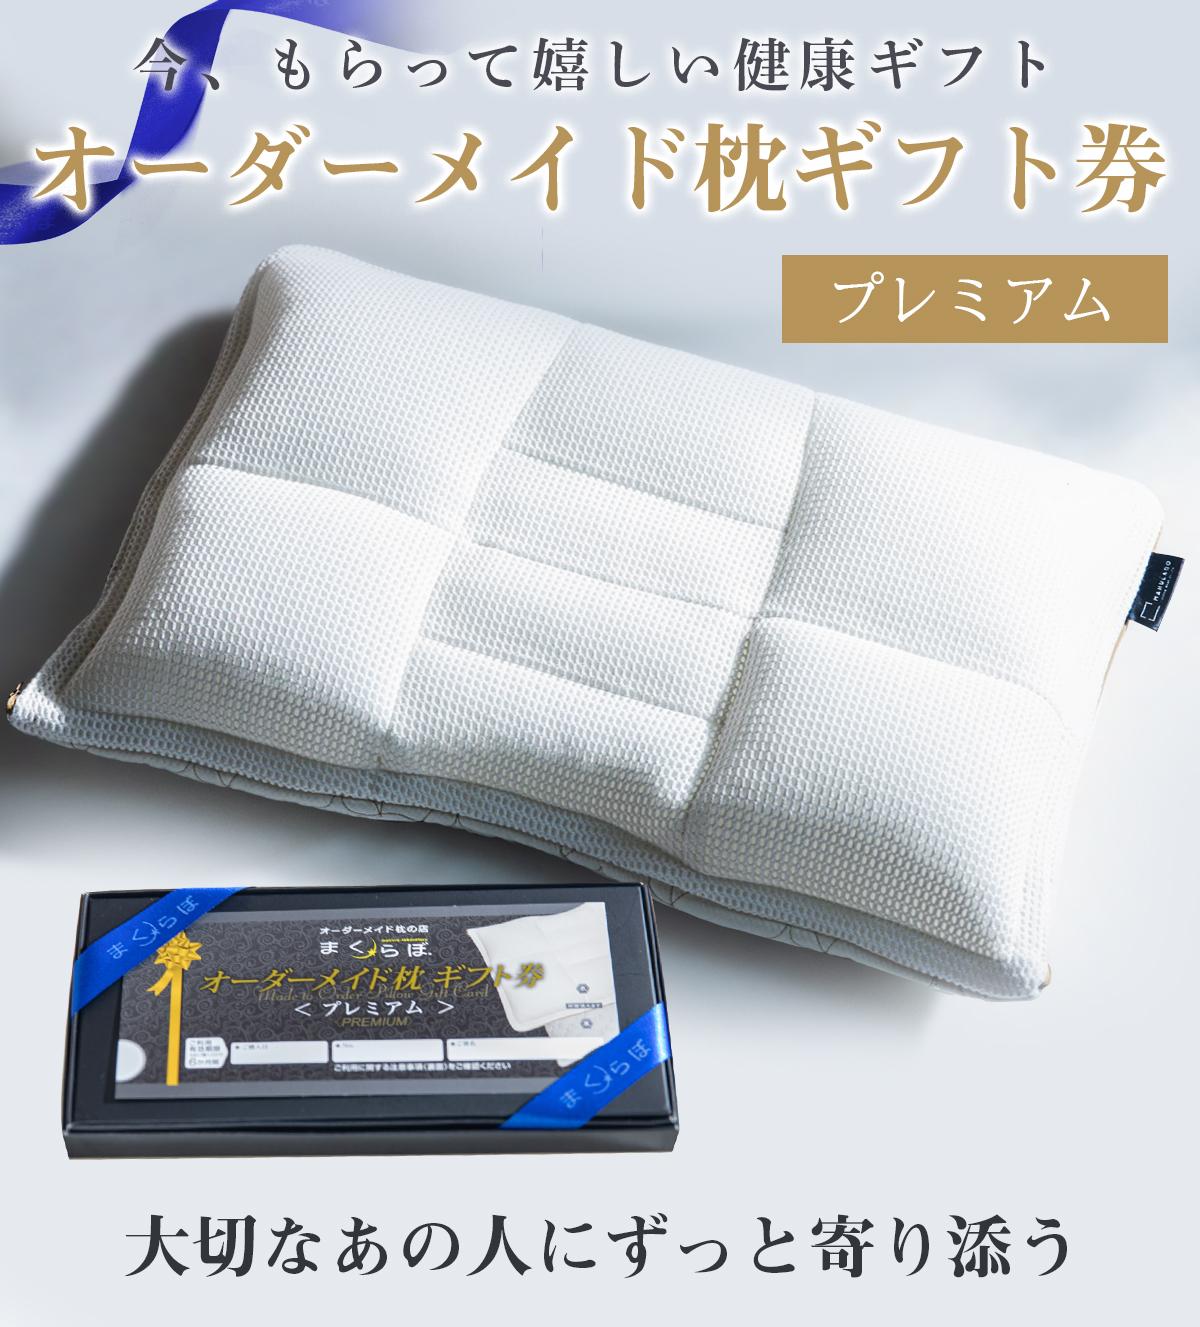 オーダーメイド枕ギフト券